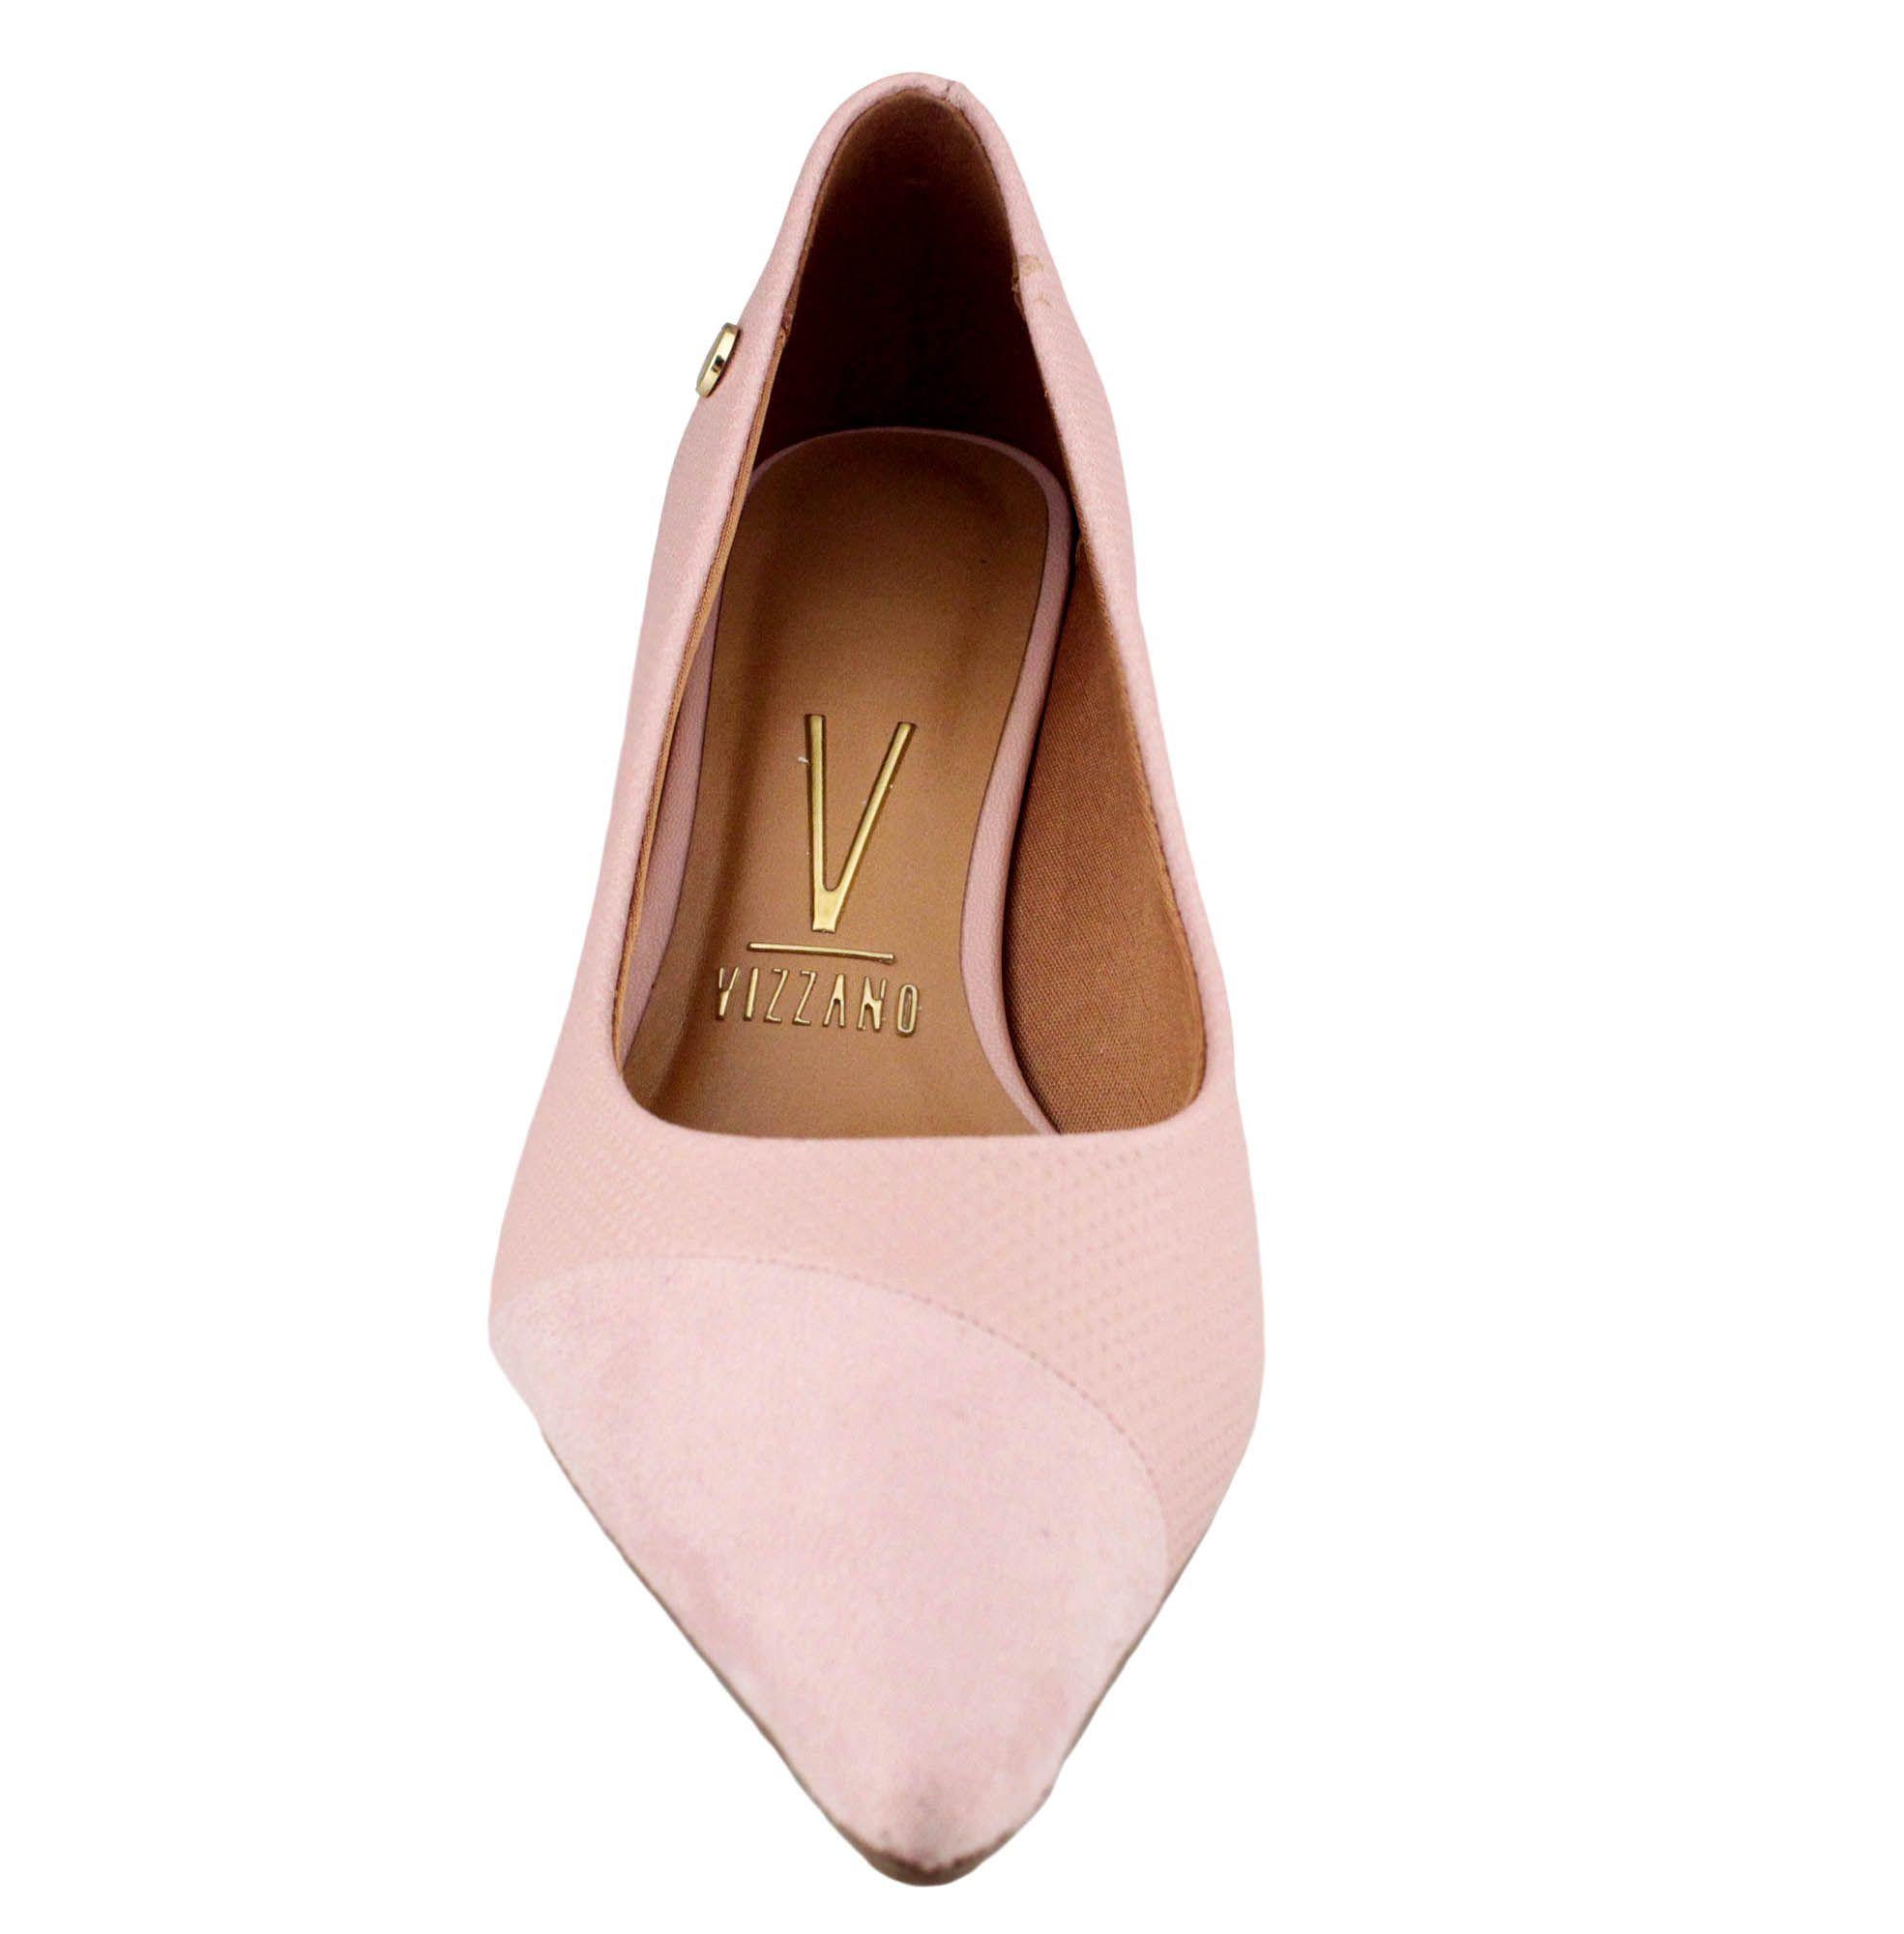 Sapato Feminino Vizzano Scarpin Rosa Pelica - 1122.654